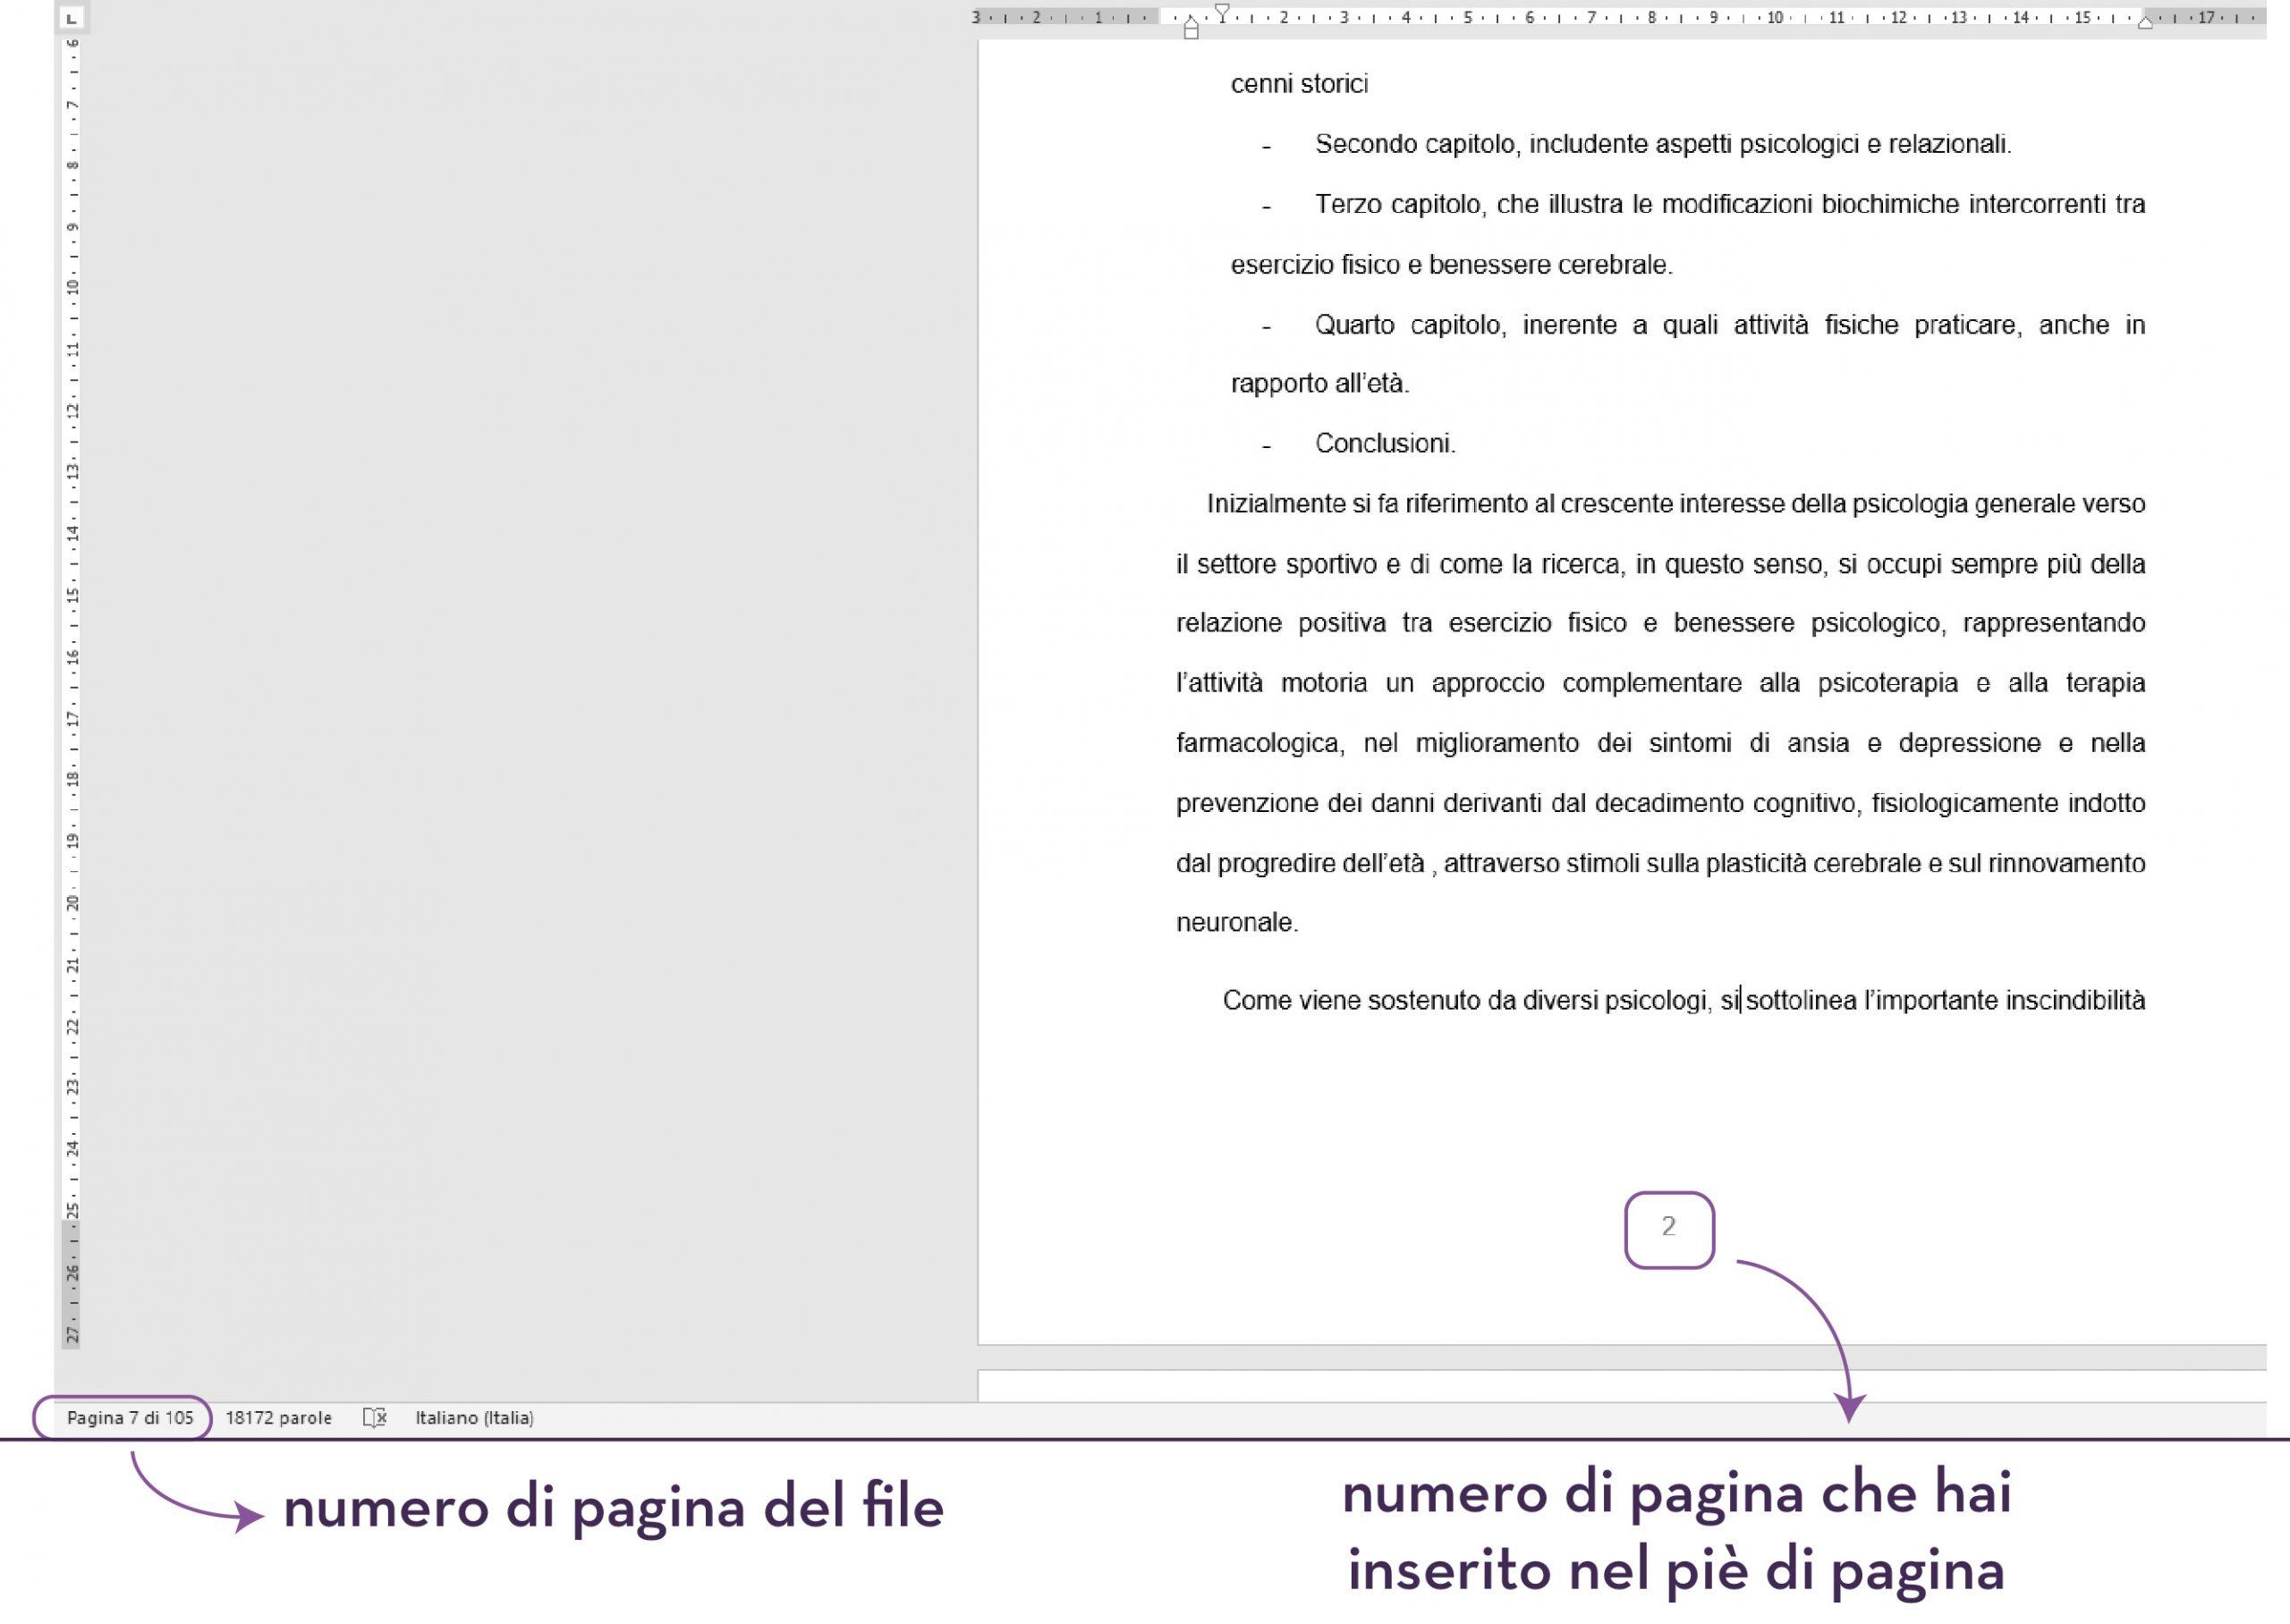 Differenza tra numero di pagina del file e numerazione in basso nel pie di pagina